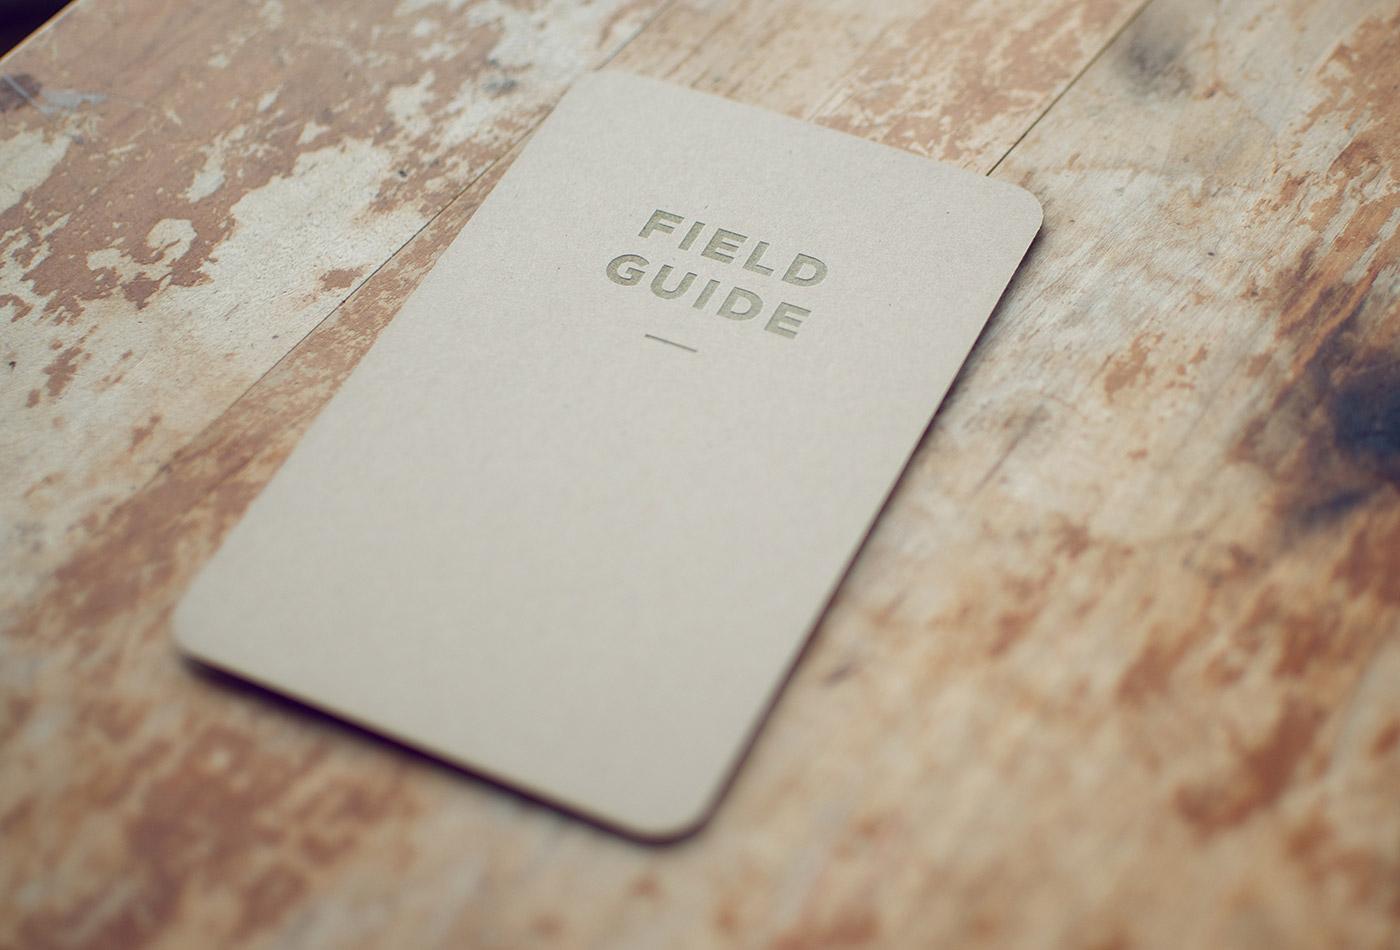 Field guide.